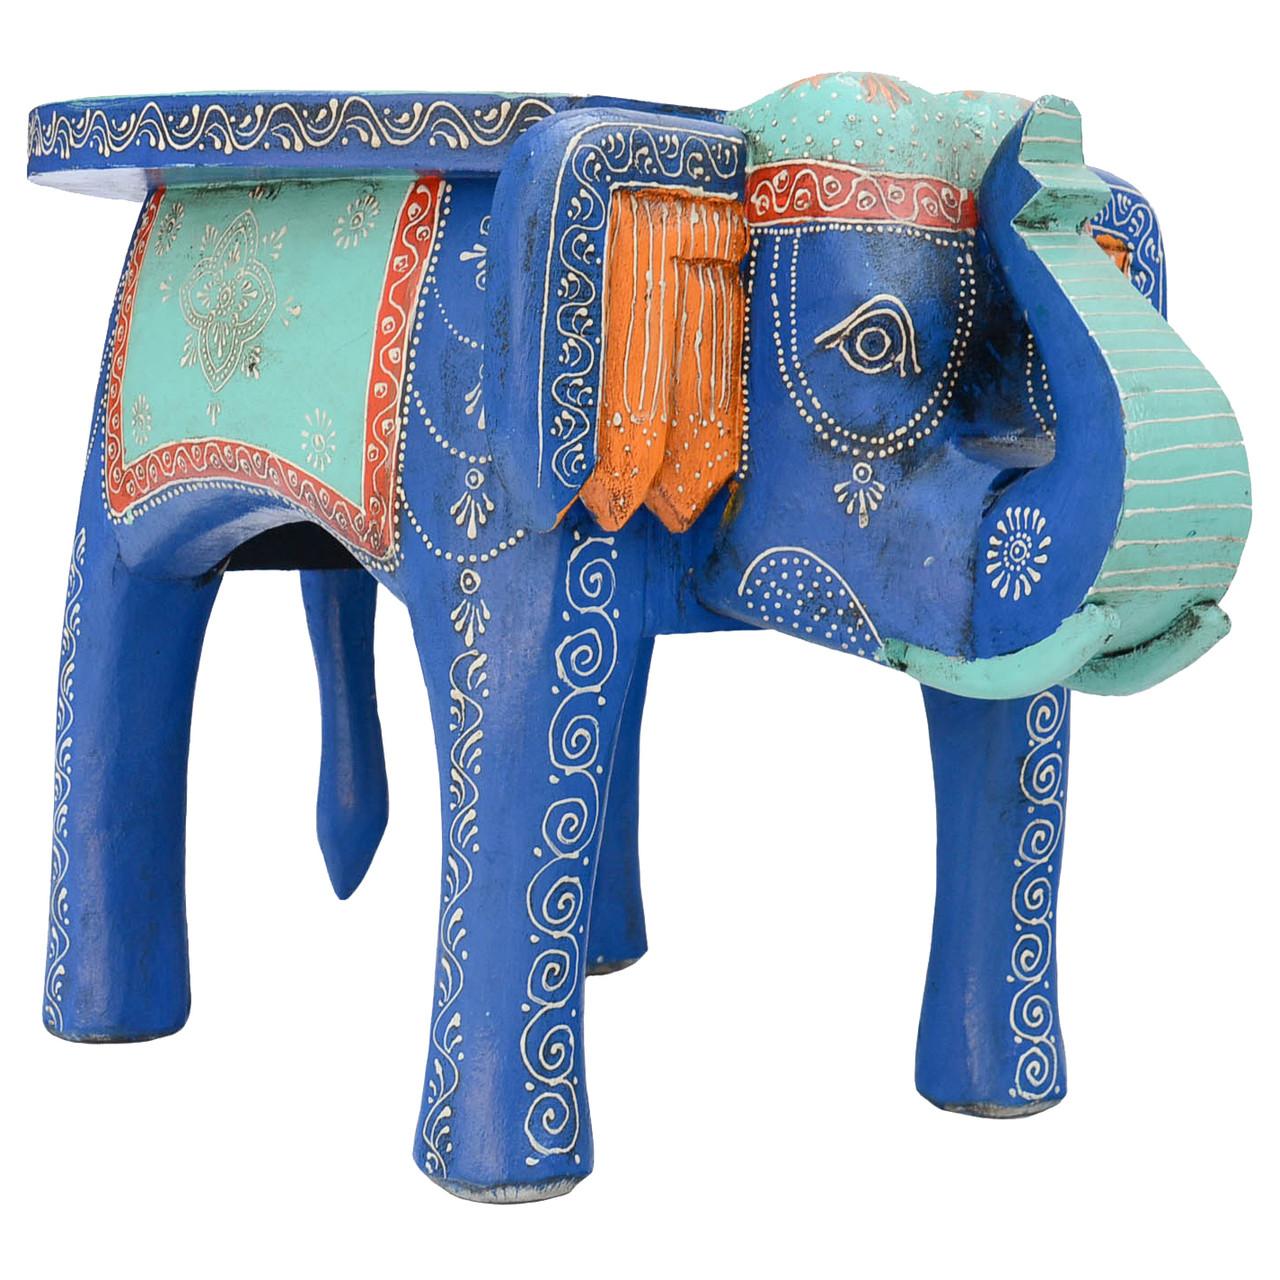 Large Painted Elephant Table Turquoise & Royal Blue - Wholesale ...